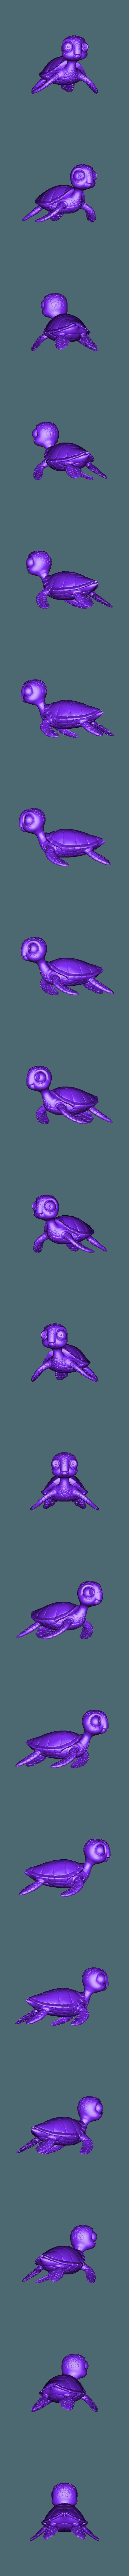 """Turtle_OBJ.obj Télécharger fichier OBJ gratuit TORTUE """"SEA FINDING NEMO MOVIE SQUIRT"""" • Design imprimable en 3D, soriana3320"""